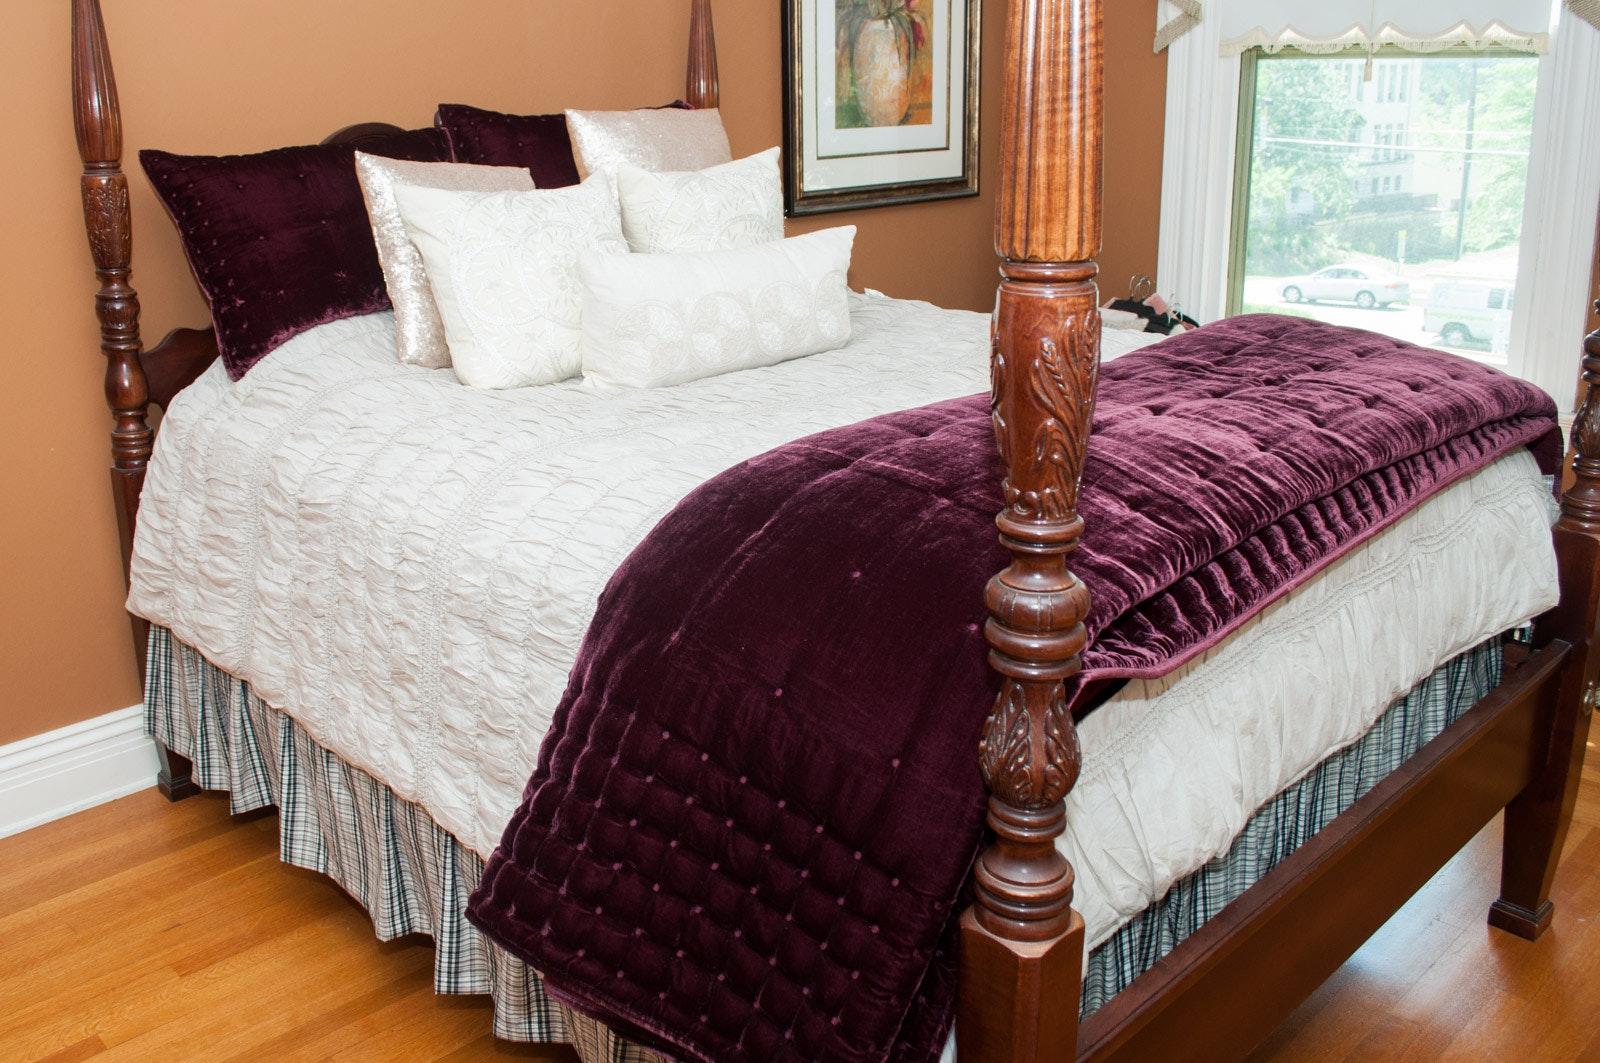 Queen-Size Bedding Ensemble